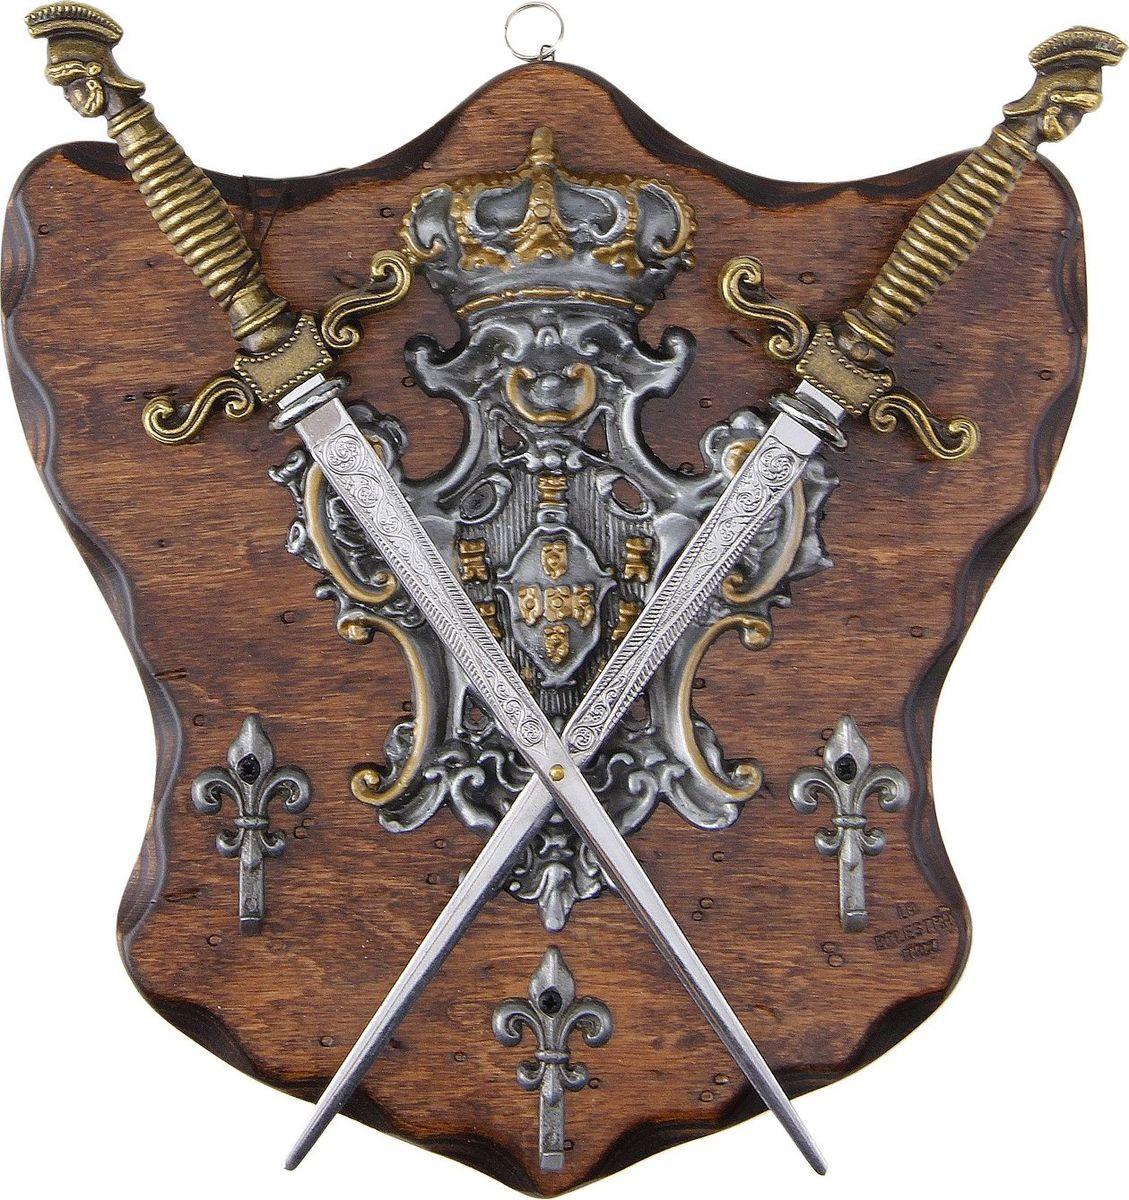 Сувенирное оружие La Balestra Макет 2 кинжалов, на планшете с крючками, 25 х 24 х 2 см665922Брутальный подарок для настоящего мужчины. Такая композиция сразу же даст понять гостям, что в этом доме живет мужчина с характером, который, к тому же, неравнодушен к блистательной эпохе Средневековья и обладает прекрасным вкусом - как иначе объяснить наличие у него дома таких неординарных предметов? Итальянская фабрика La Balestra уже более сорока лет занимается выпуском удивительных по своей красоте и точности сувенирных копий старинного оружия, способного украсить собой даже самый роскошный интерьер.Состав: панель из березы, металлические детали из цинково-алюминиевого сплава и железа.